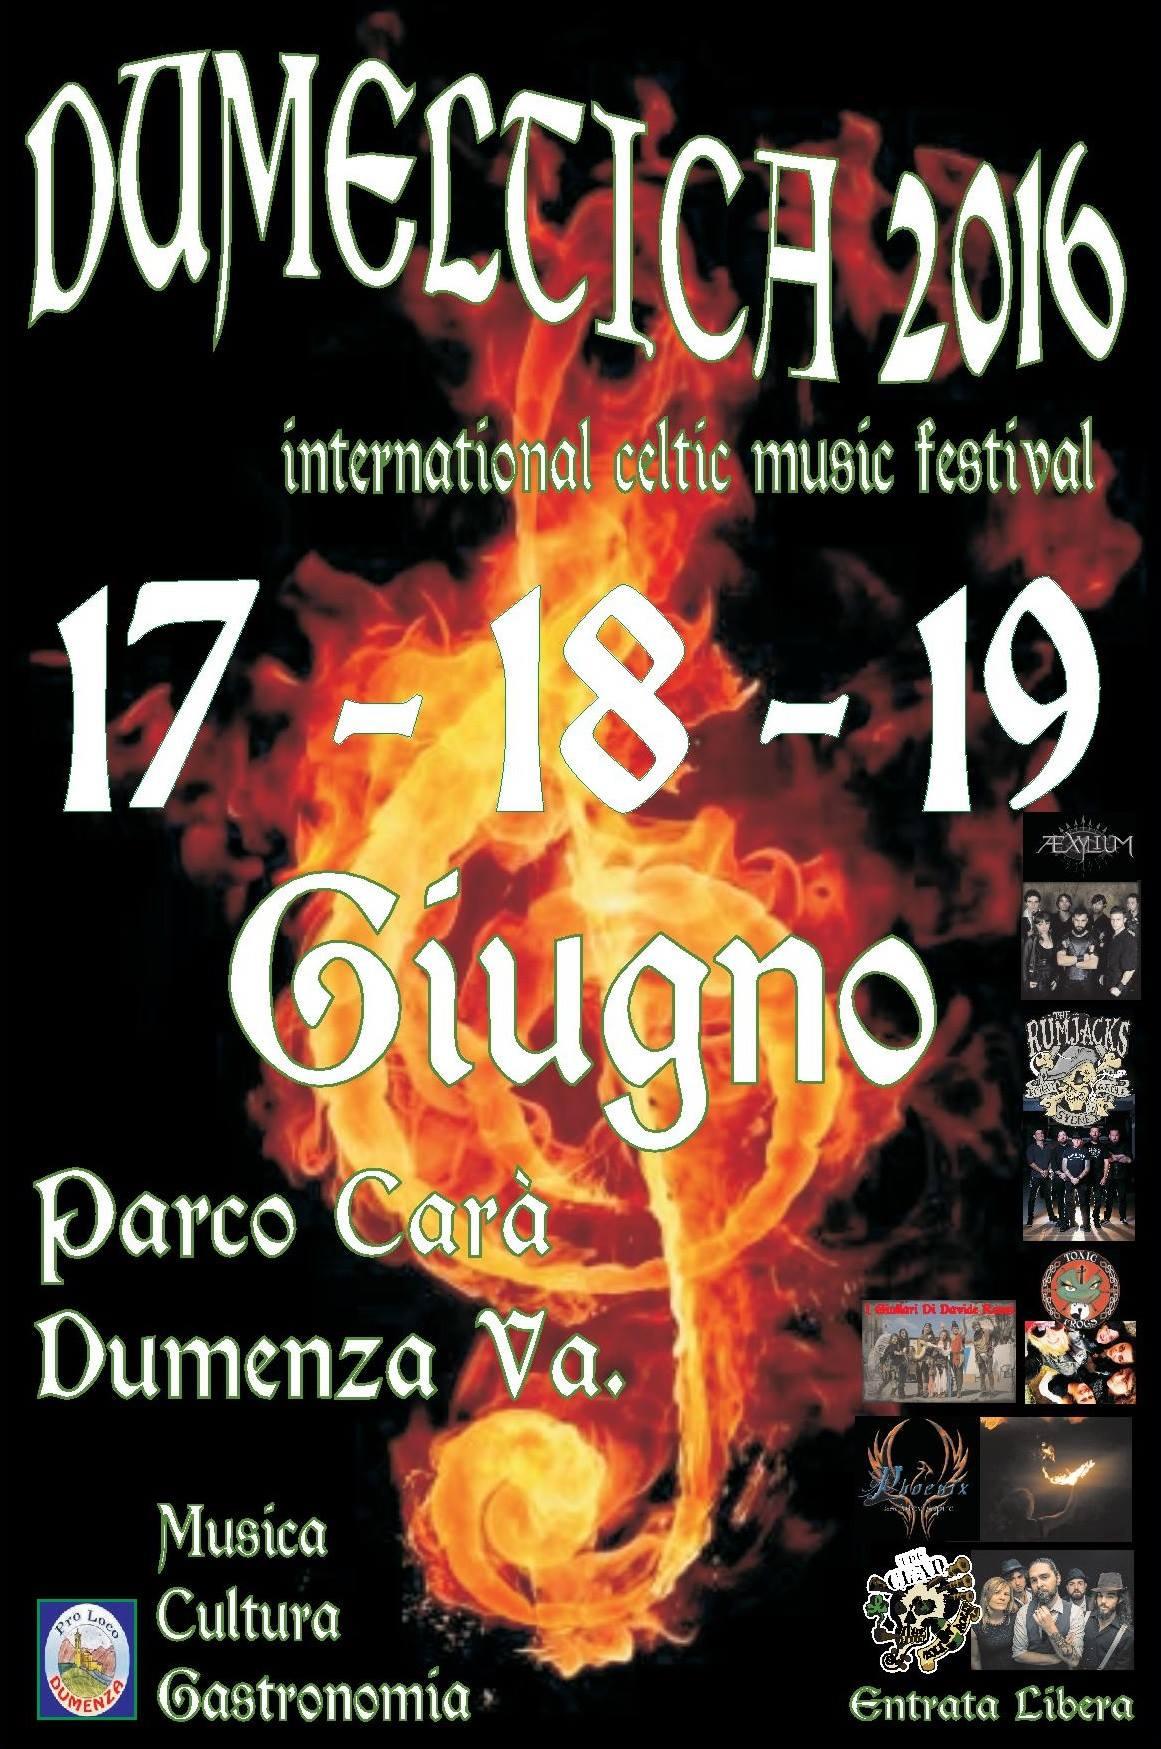 """Torna questa sera la """"Dumeltica"""", ecco il programma dell'International Celtic Music Festival"""